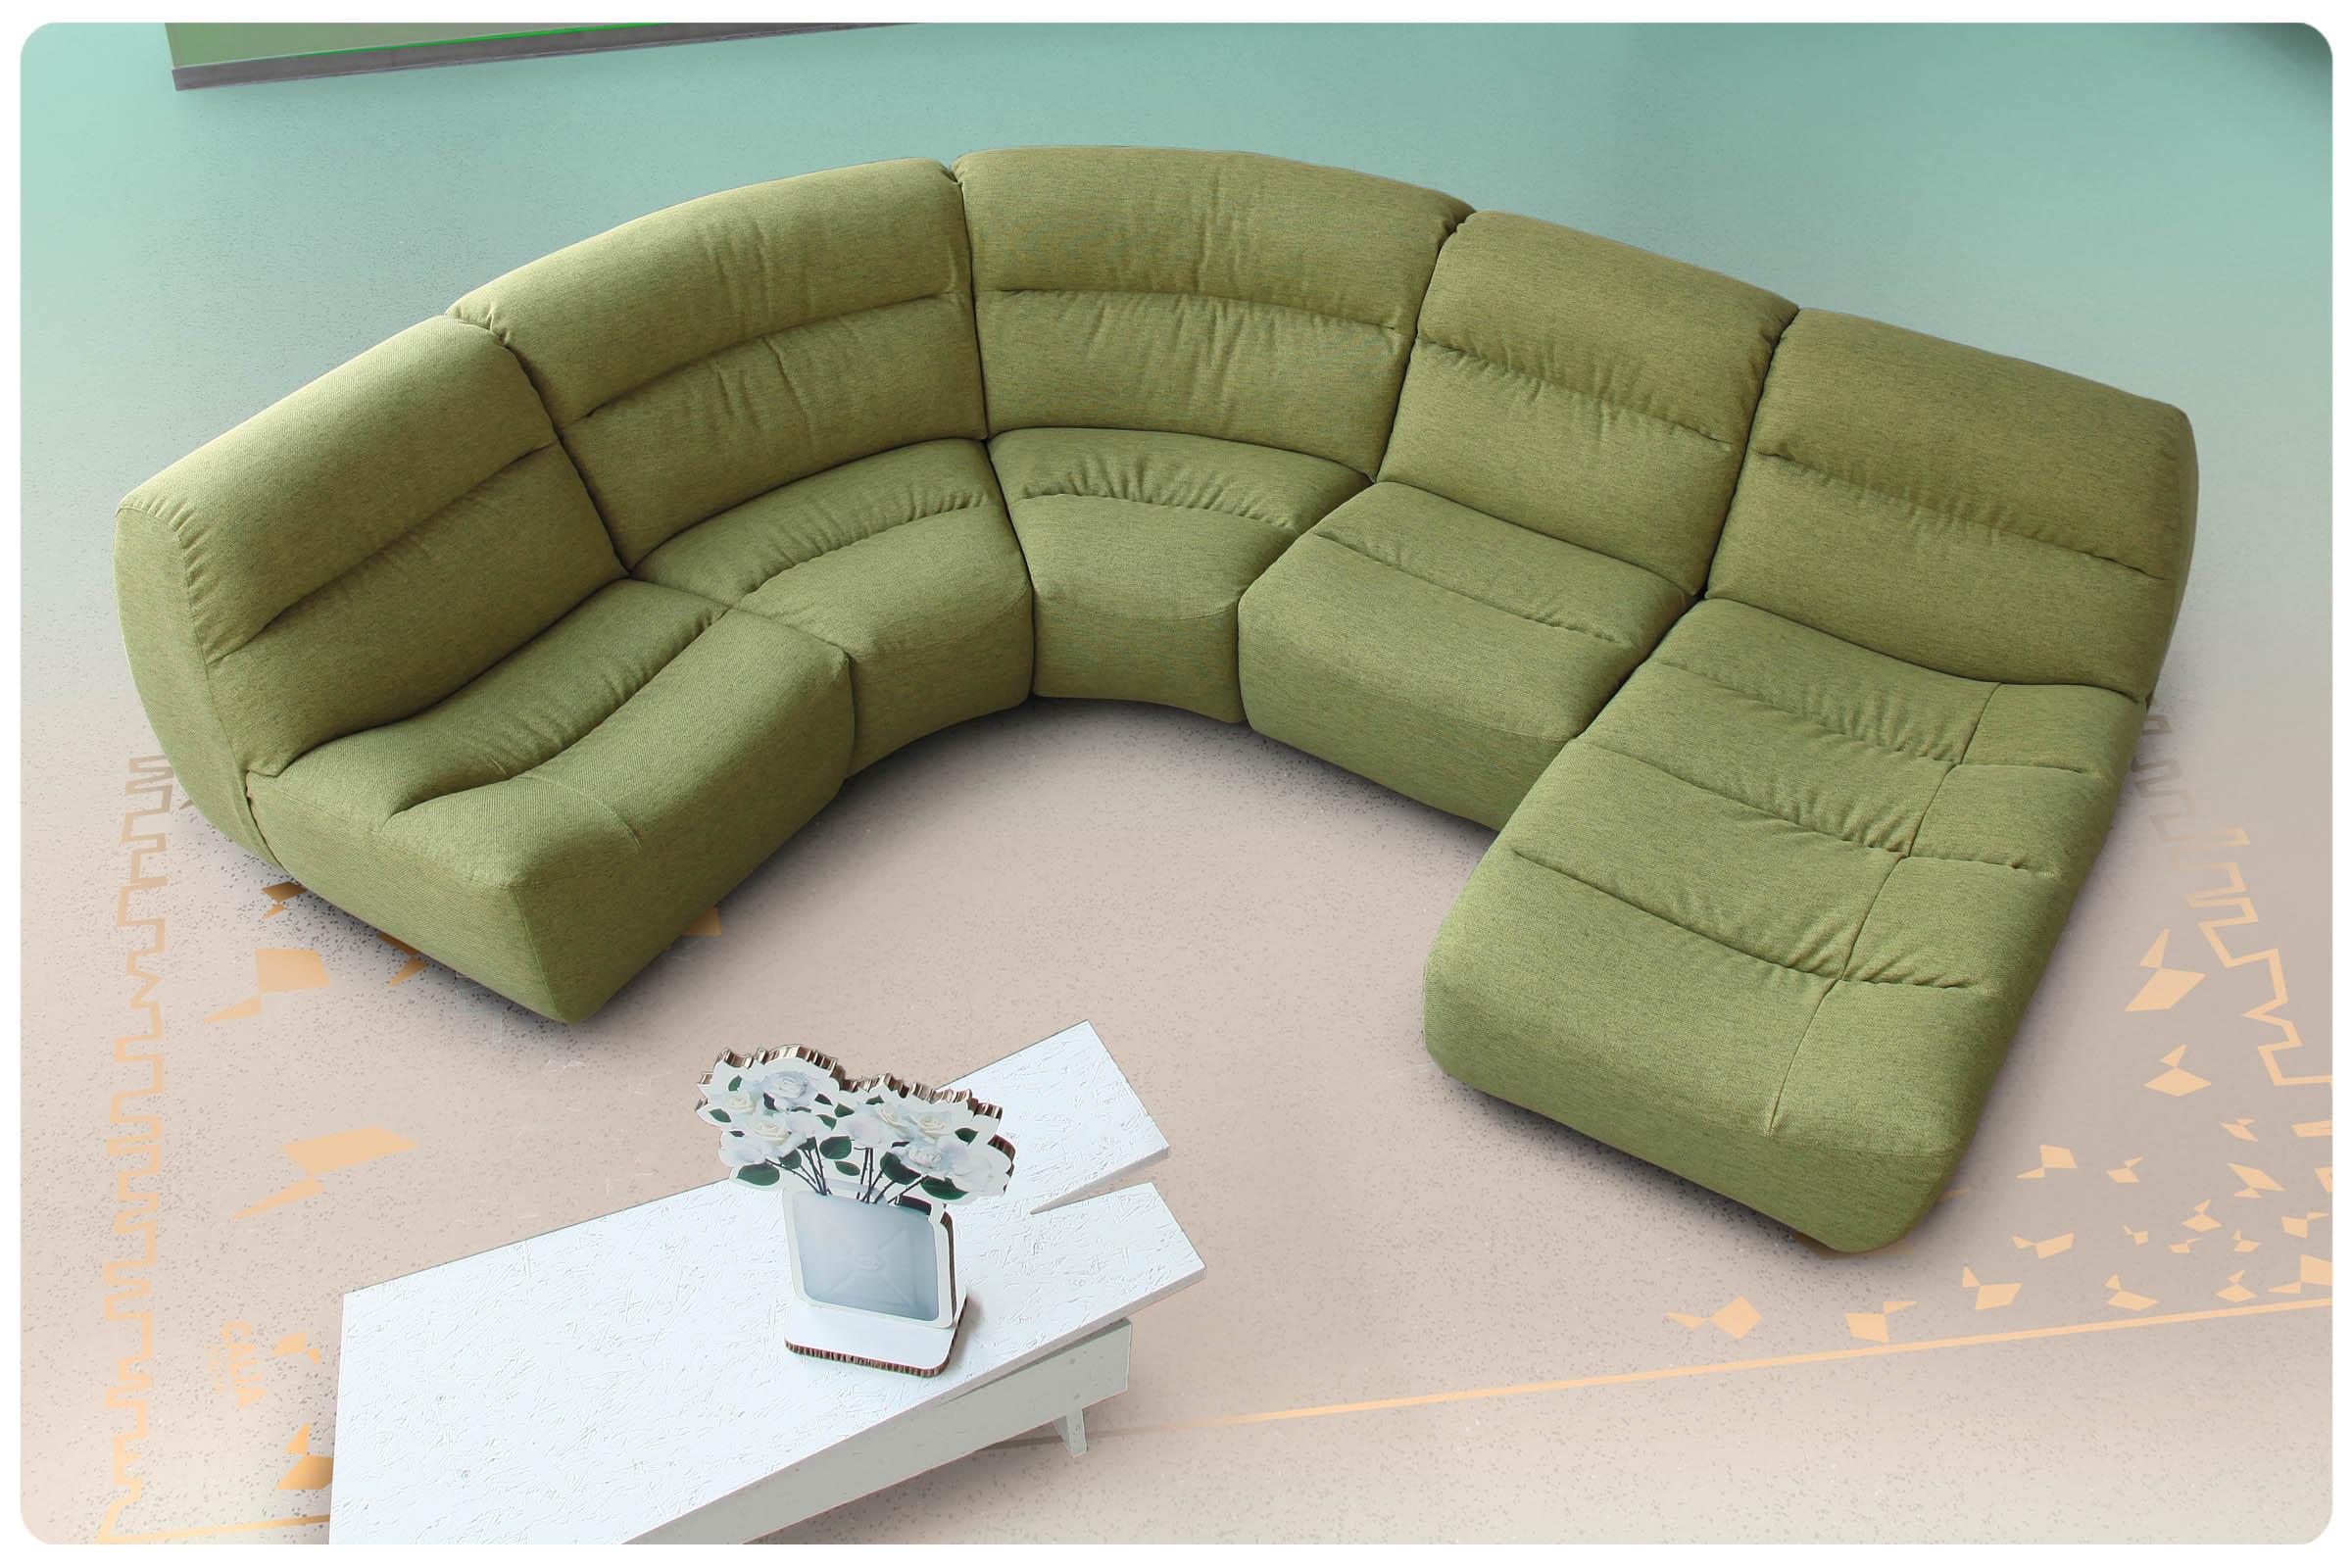 Divani milano e provincia awesome divano moderno in pelle for Divani letto usati milano e provincia